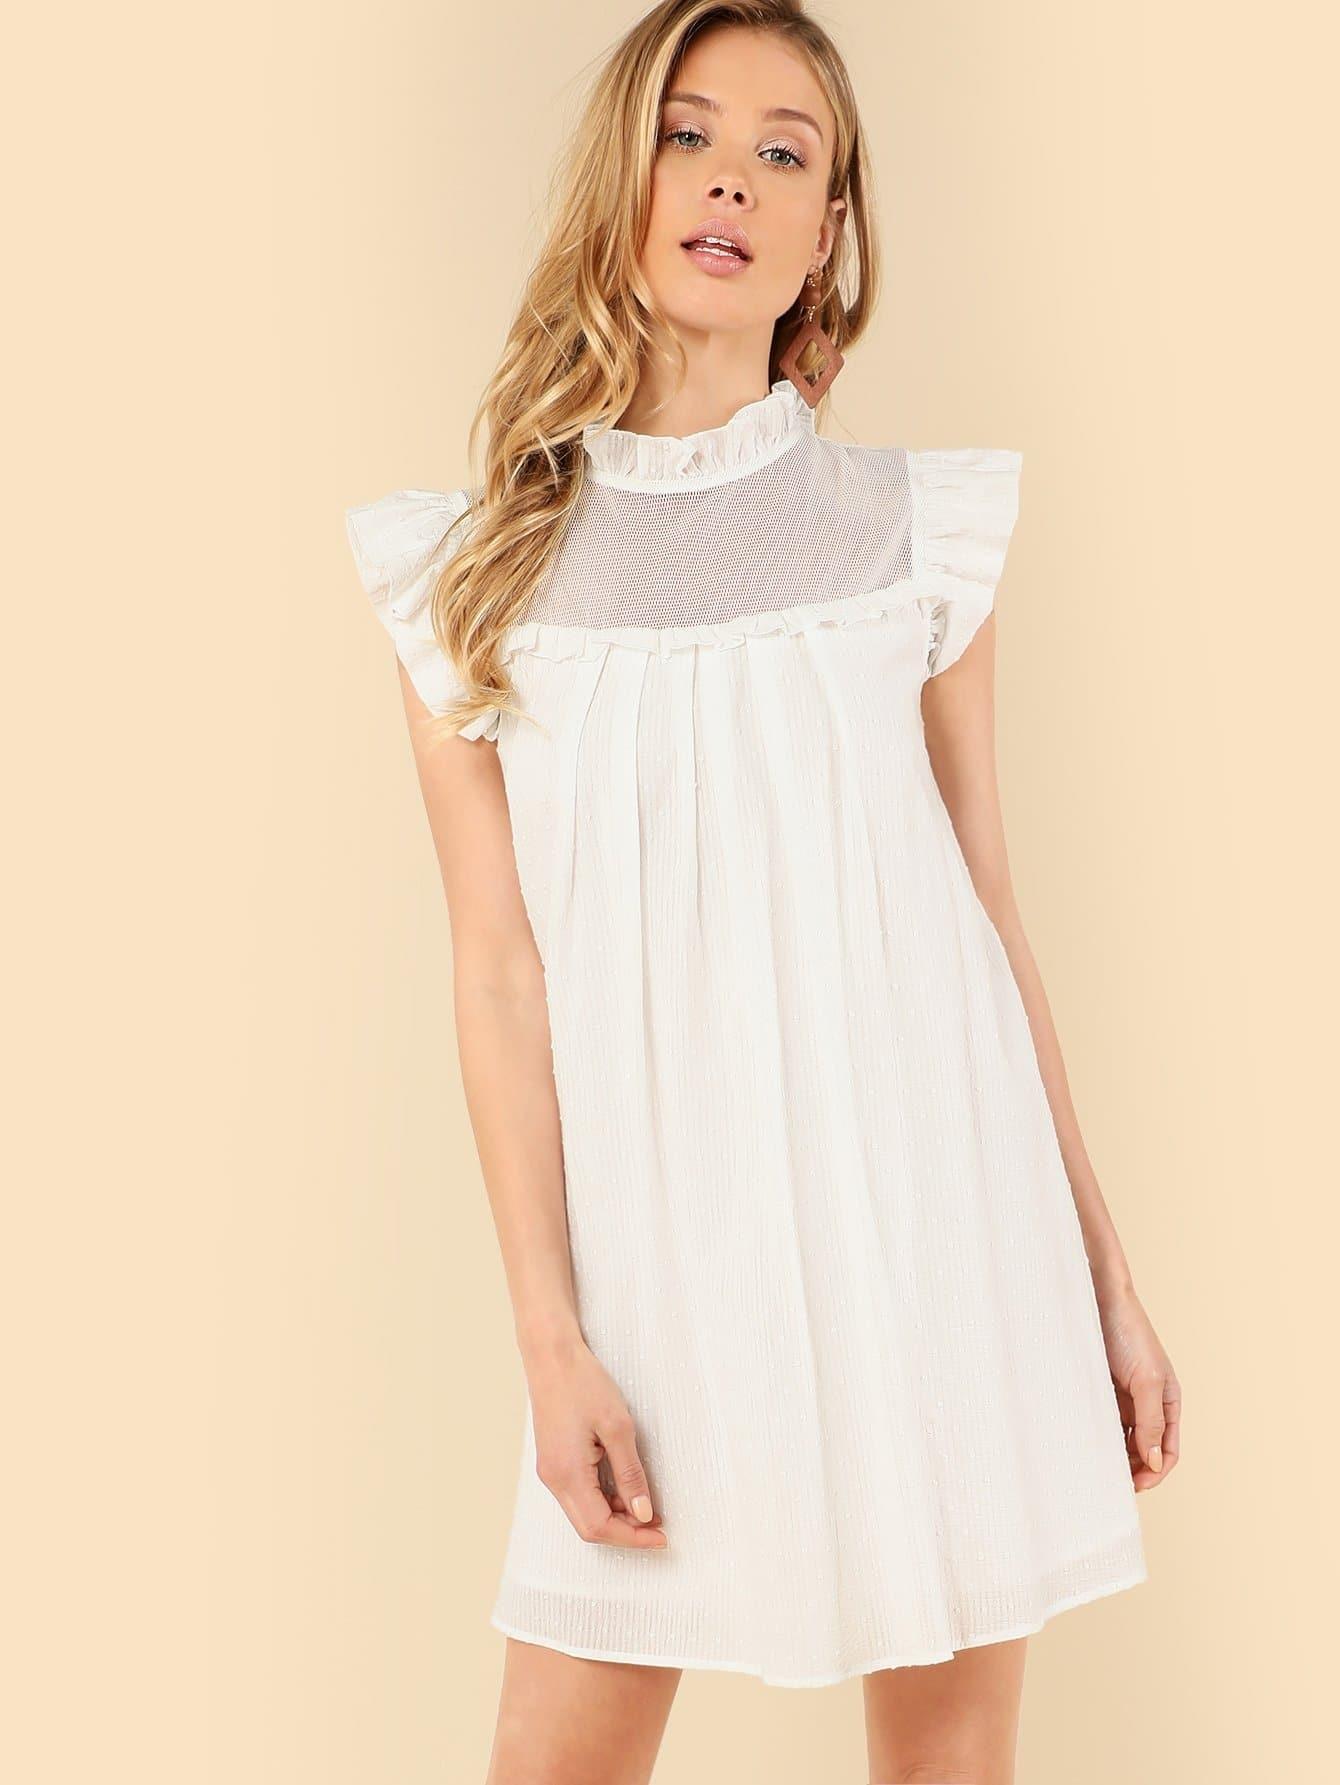 Купить Однотонное платье с оборками и вырезами, Allie Leggett, SheIn